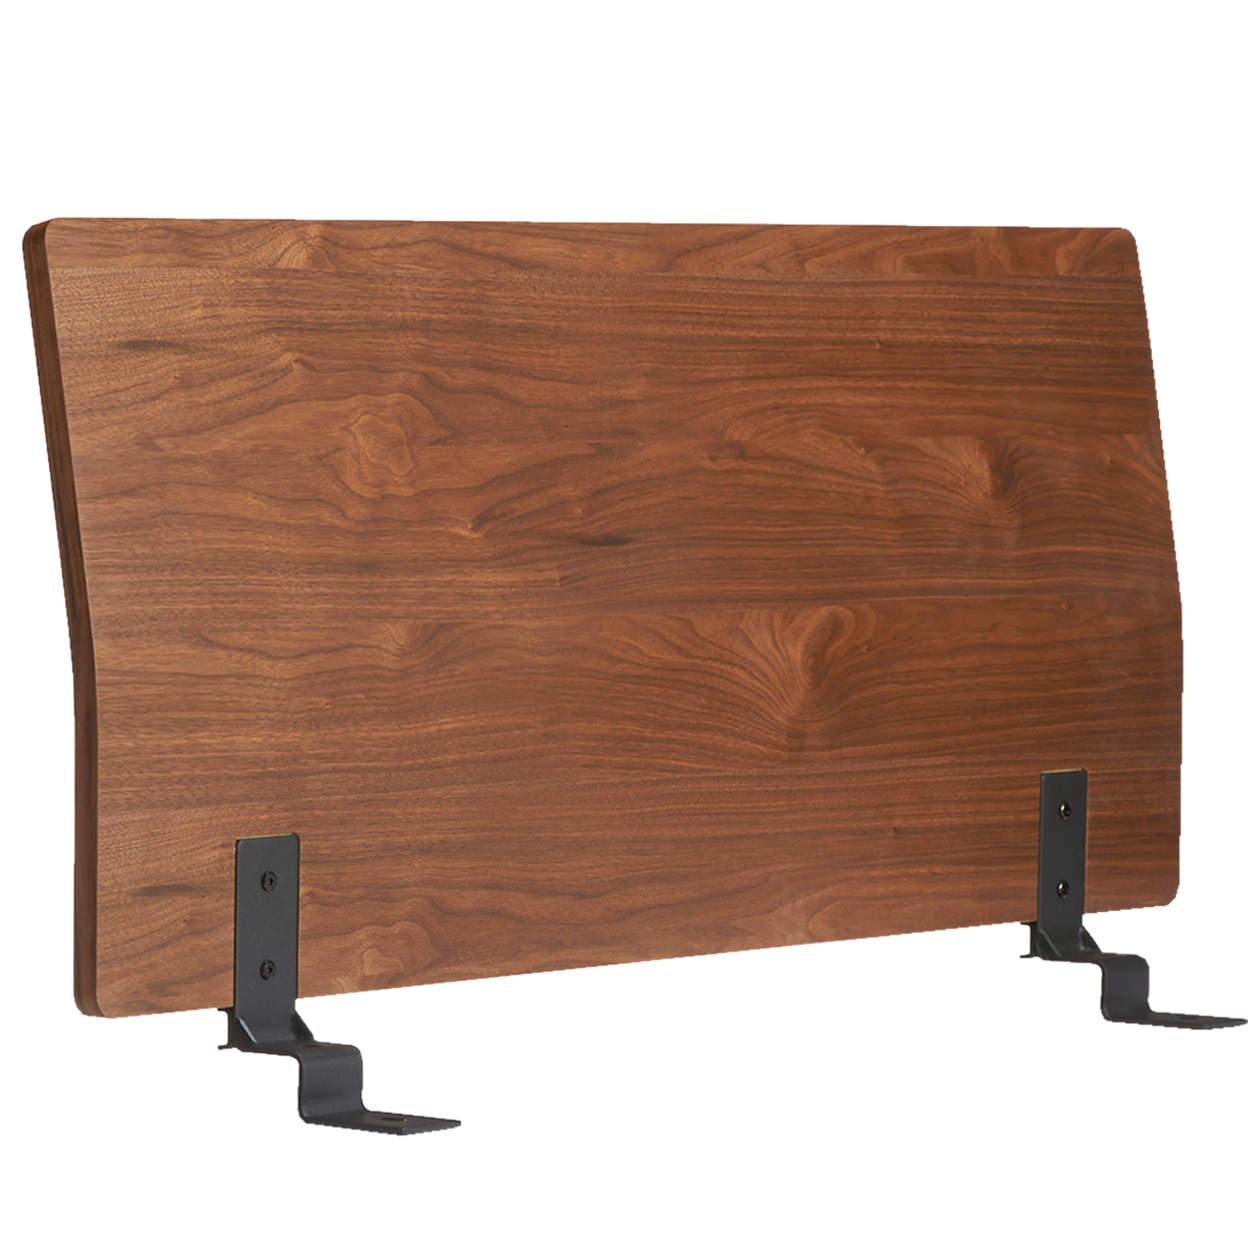 ベッドフレーム用ヘッドボード・セミダブル・ウォールナット材の写真